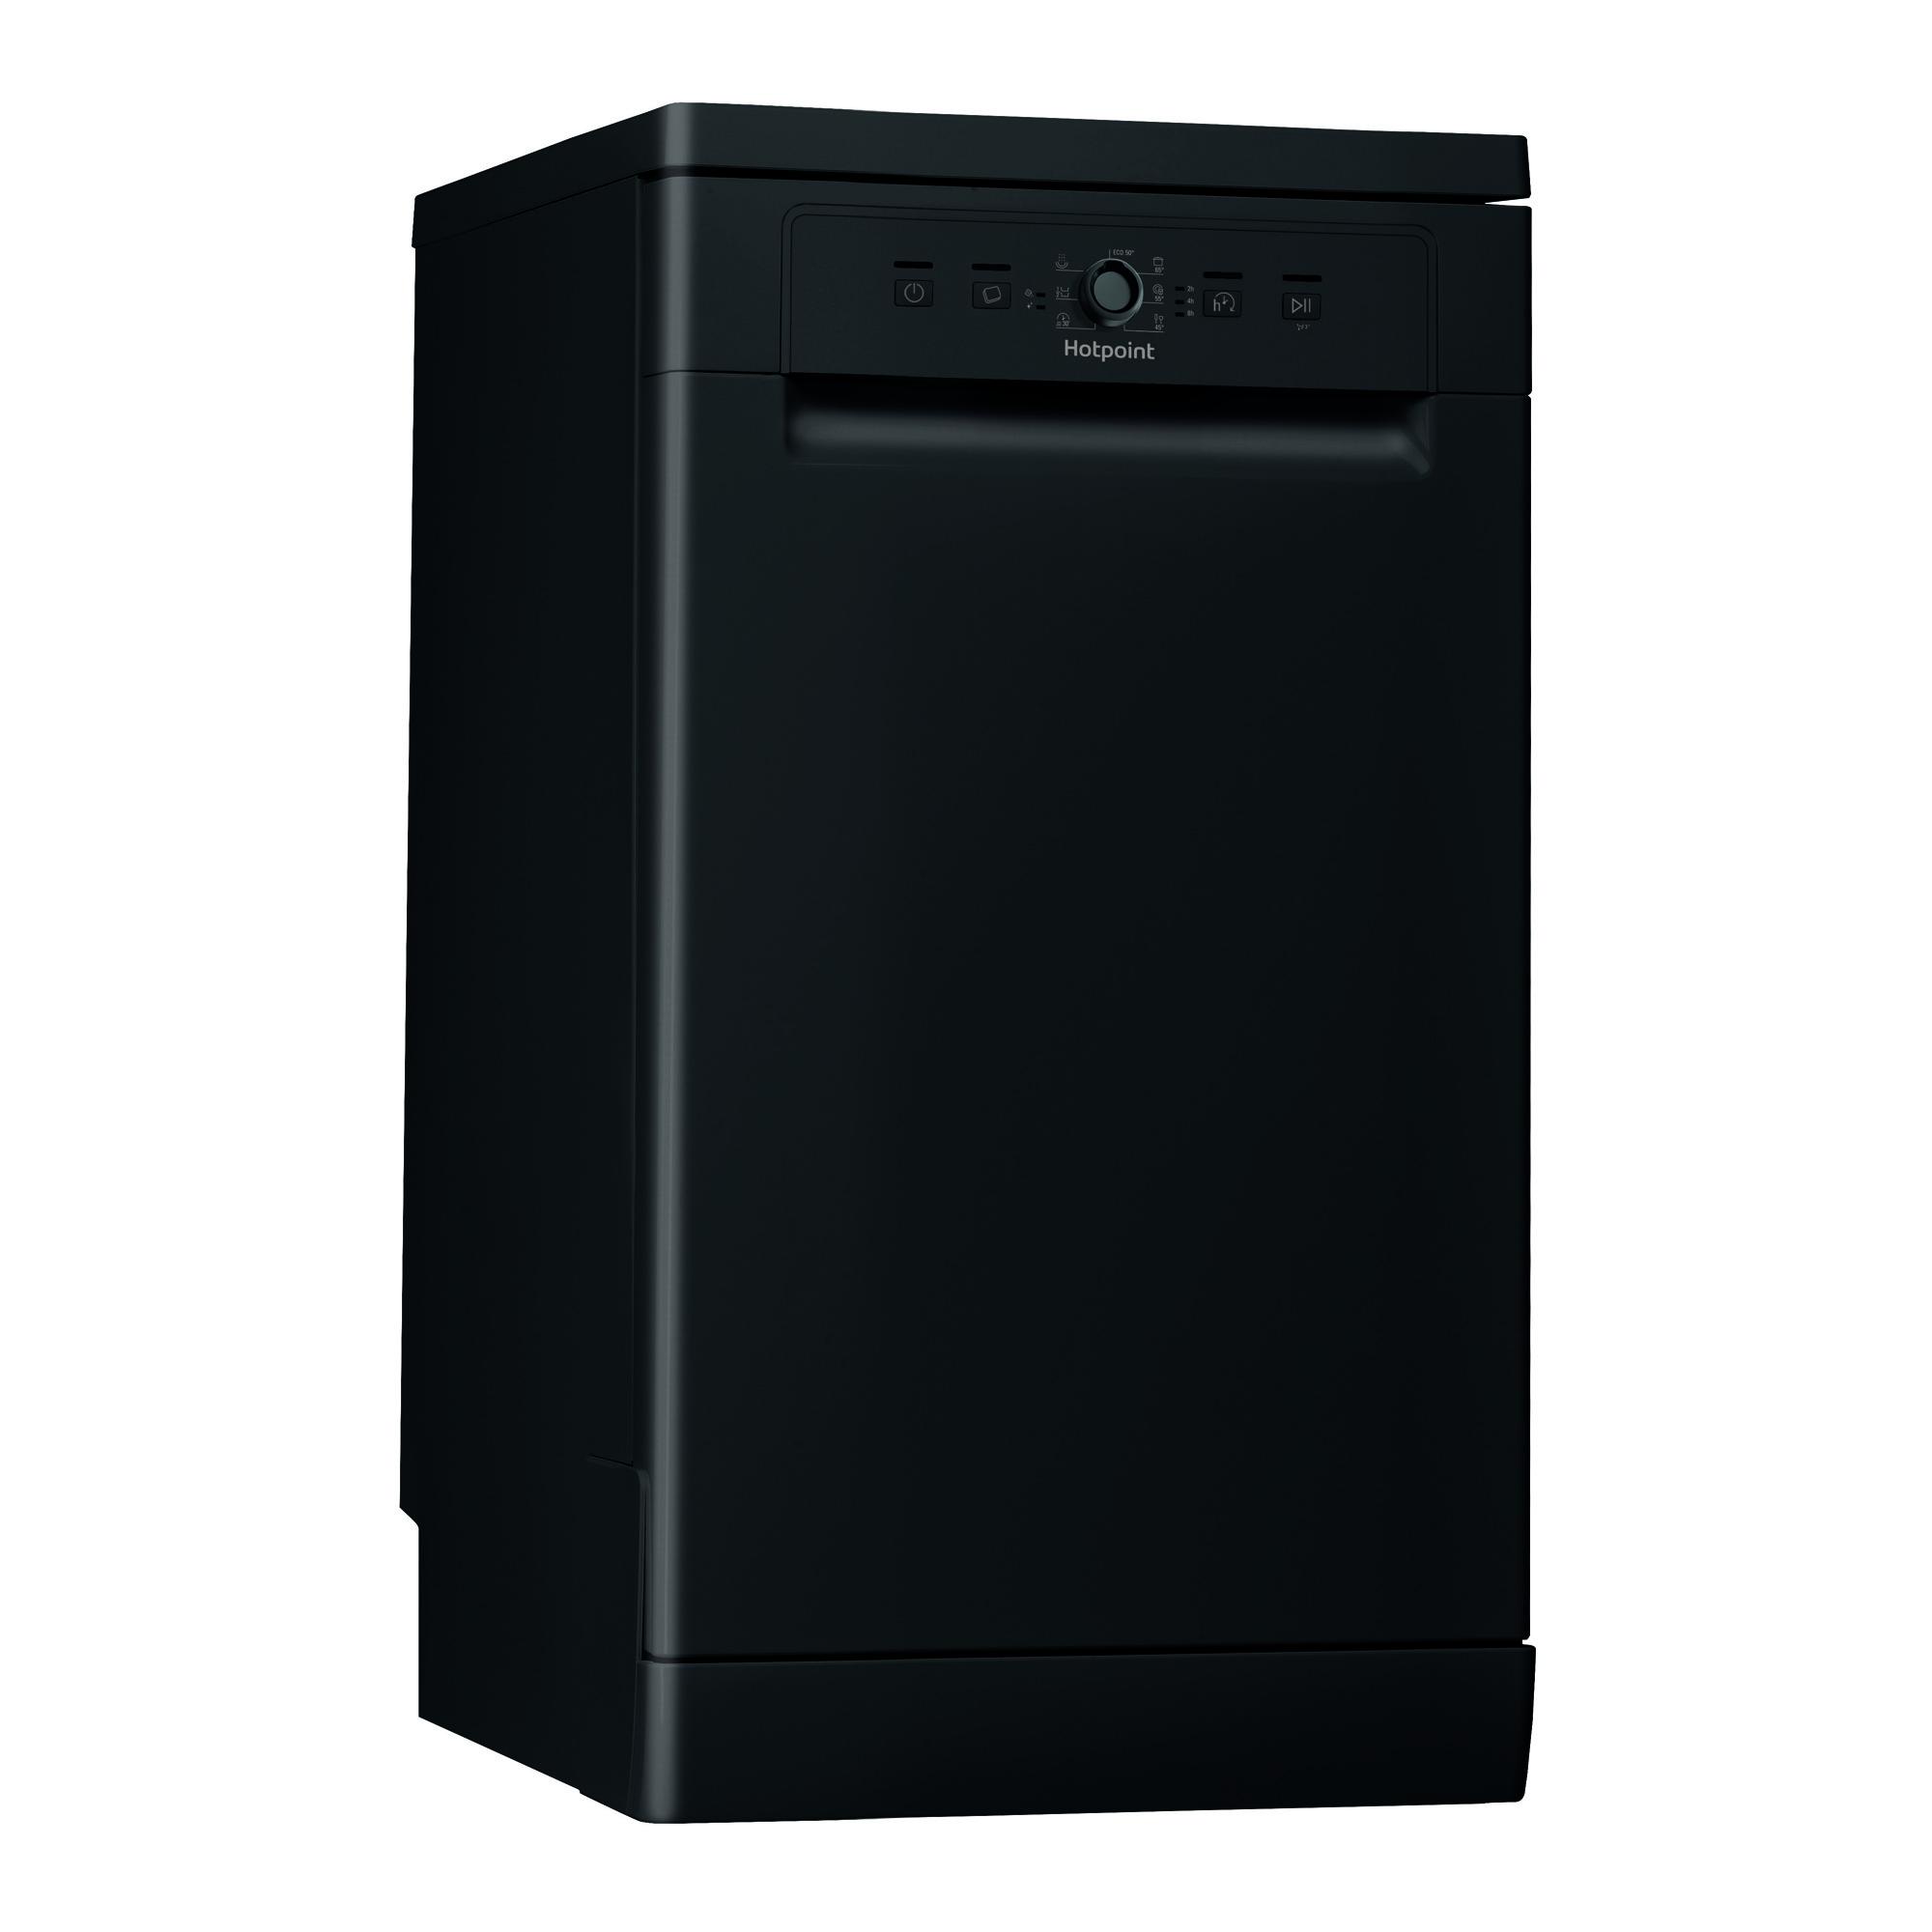 Hotpoint Hsfe1b19b 10 Place Setting Slimline Dishwasher